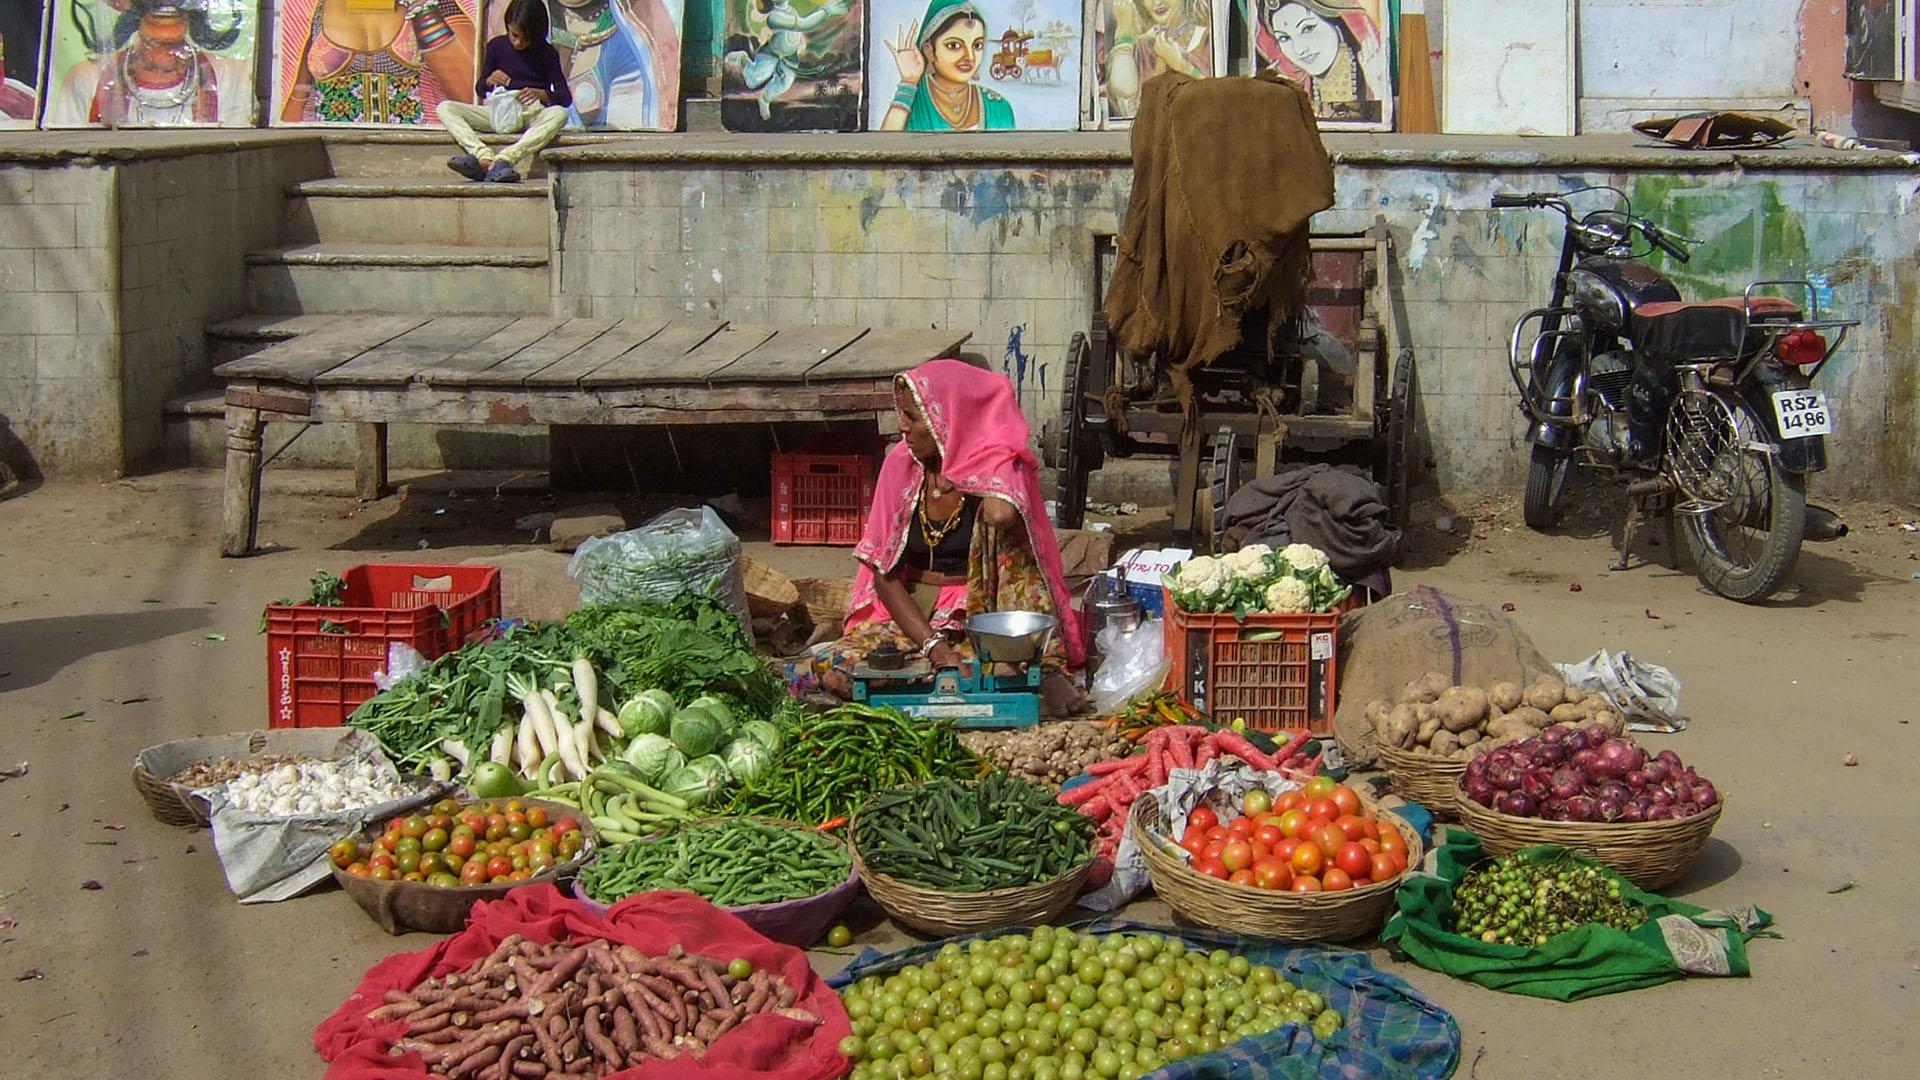 Pushkar'da bir sebze-meyve tezgahı